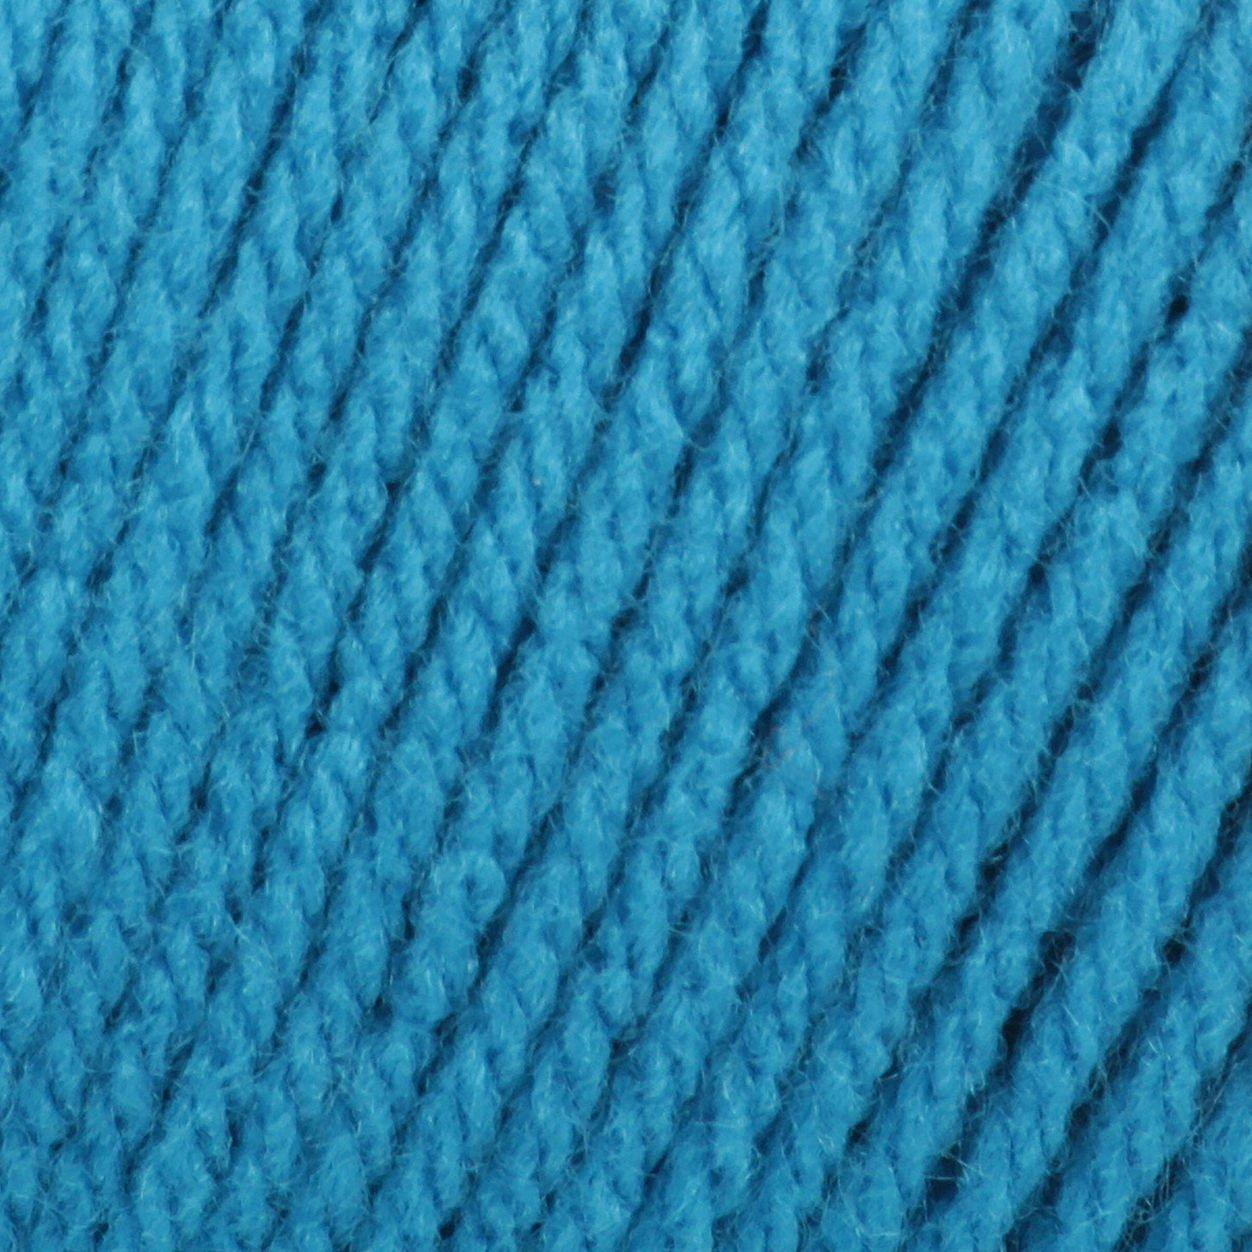 Bernat 16405353201 Super Value Yarn Aqua Pack 1 Single Ball